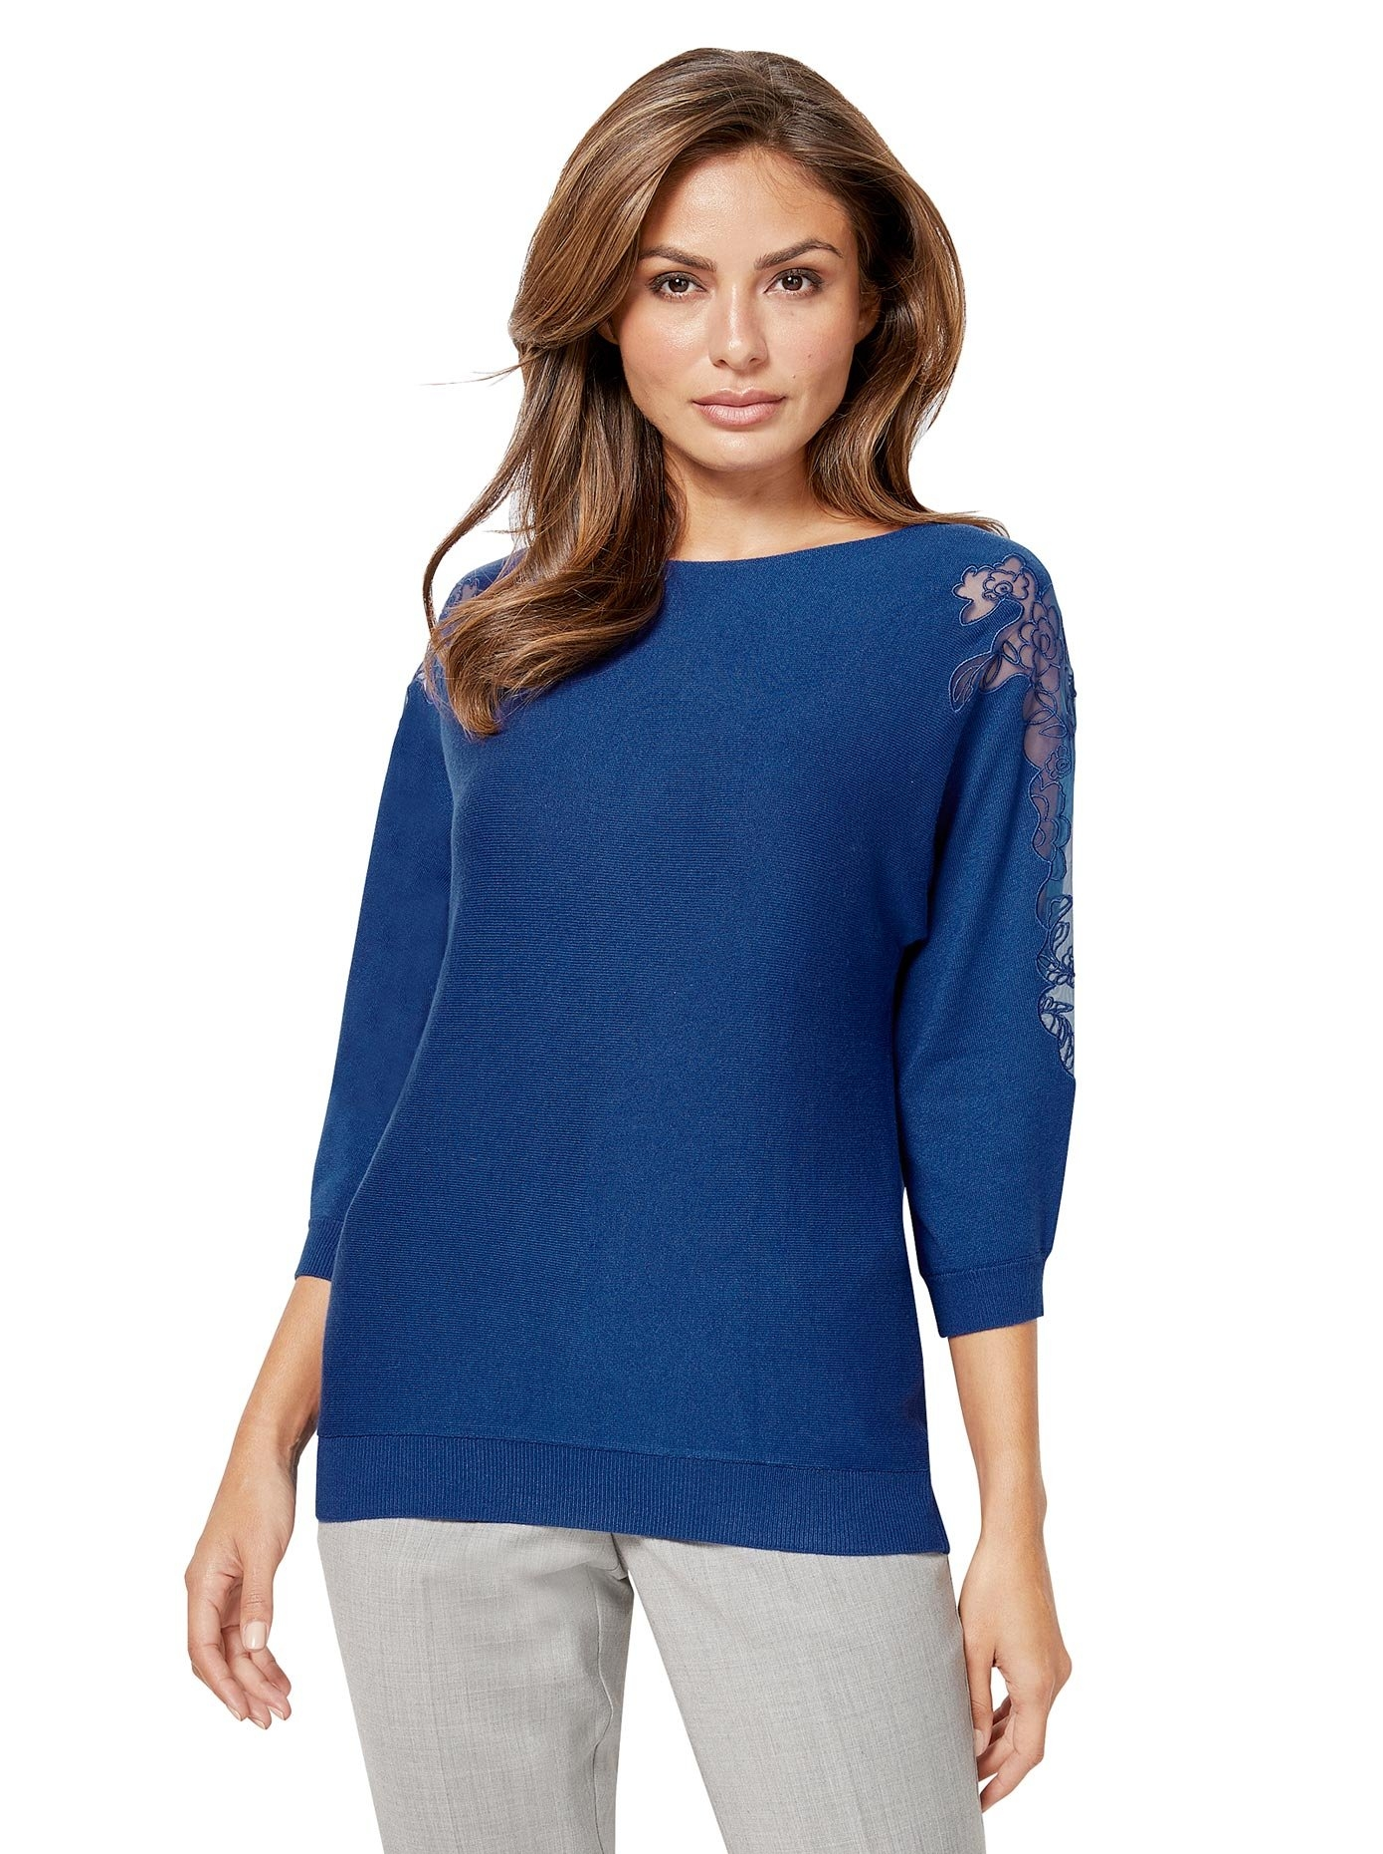 Op zoek naar een Lady trui met vleermuismouwen? Koop online bij OTTO